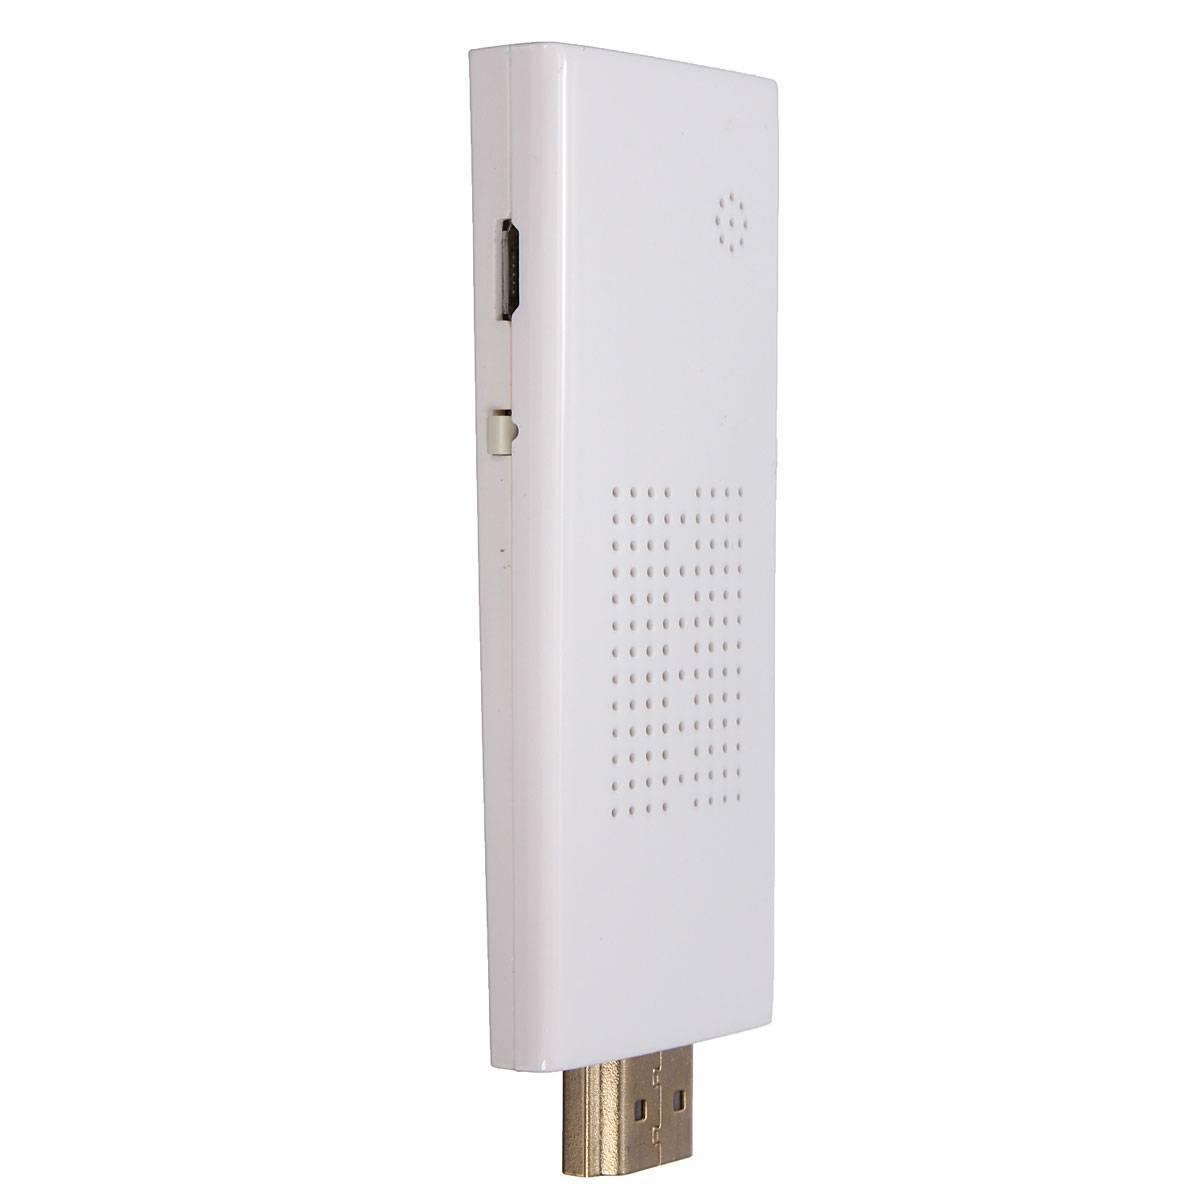 Miracast Iphone